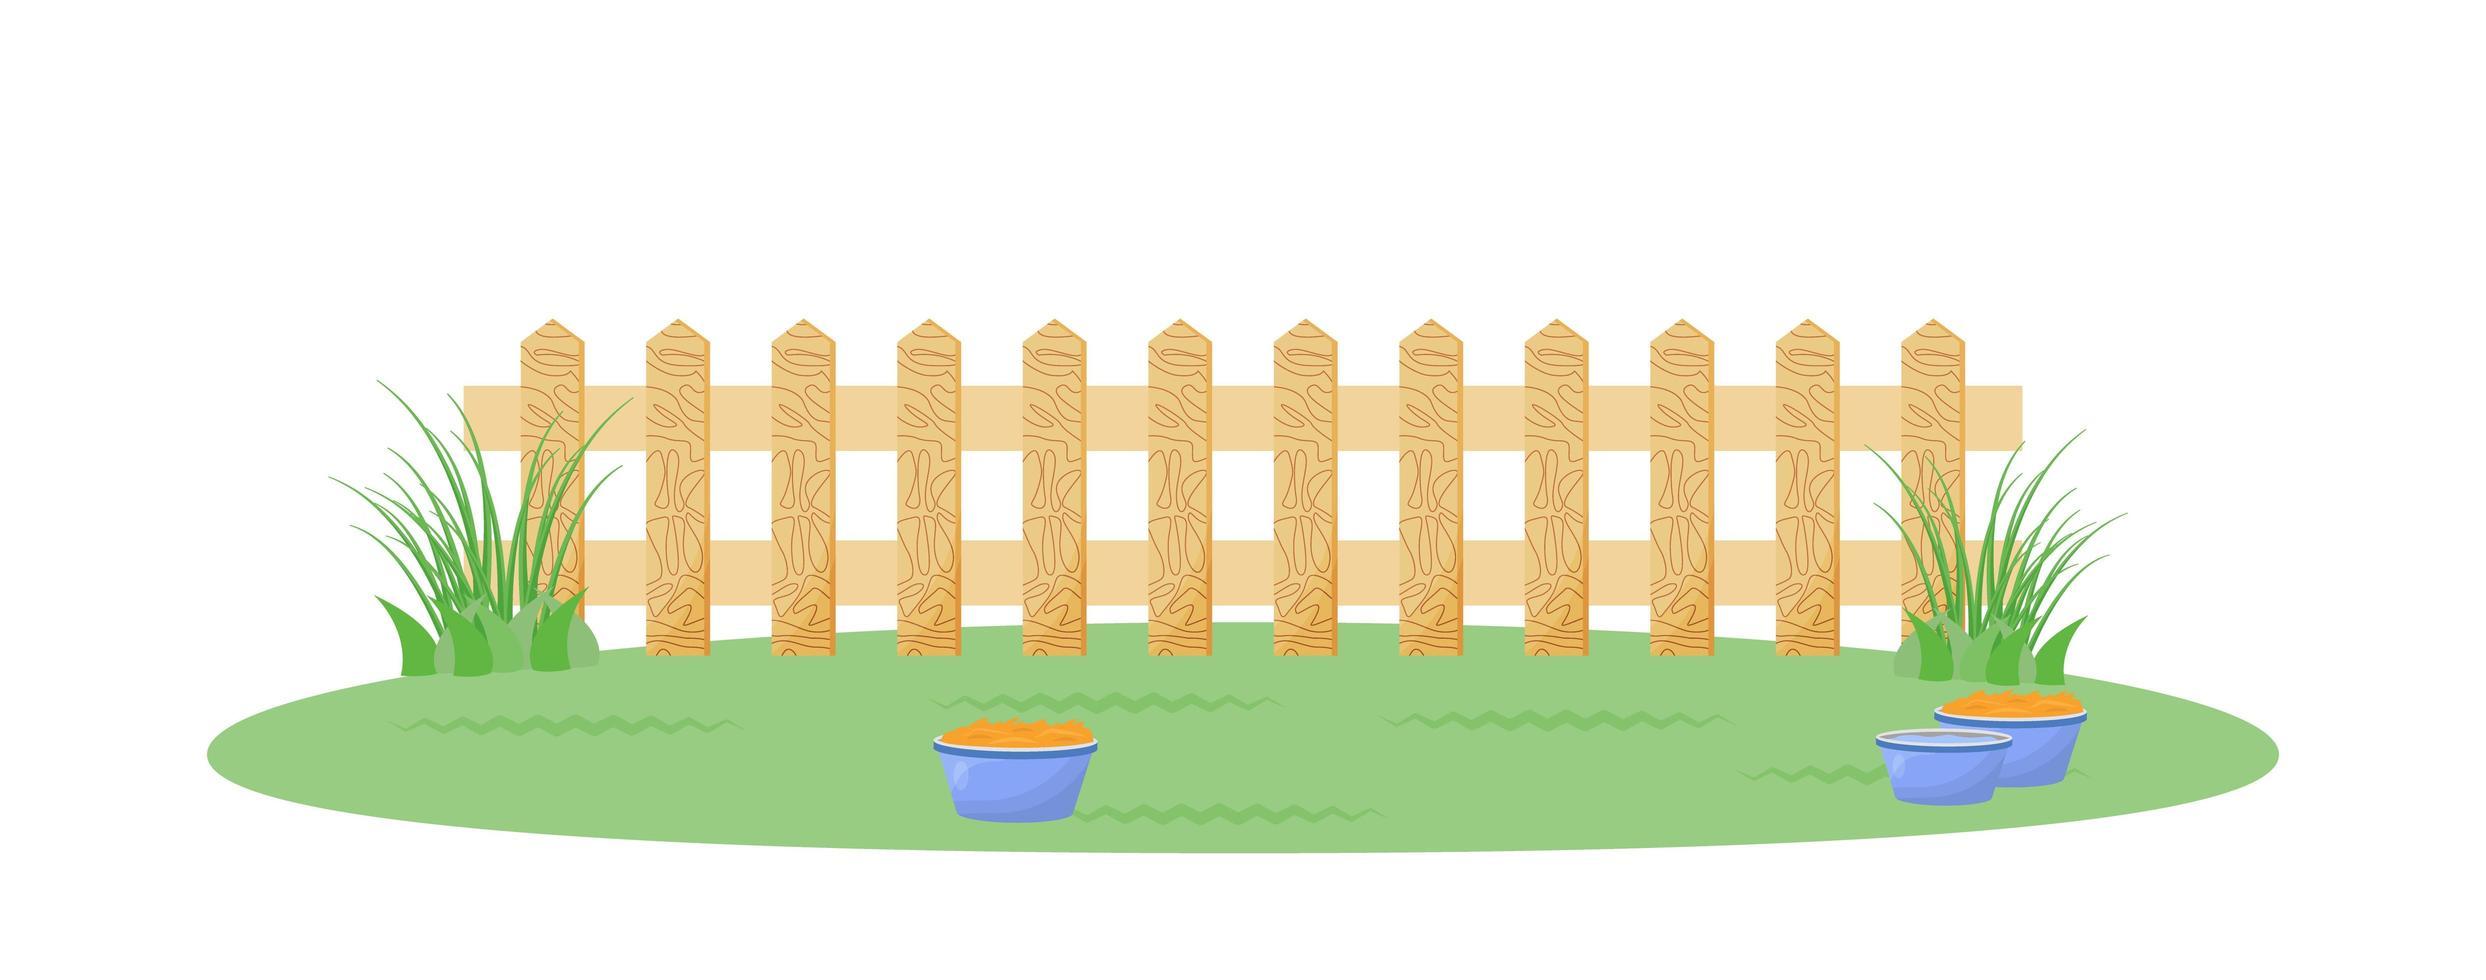 cortile con recinzione vettore